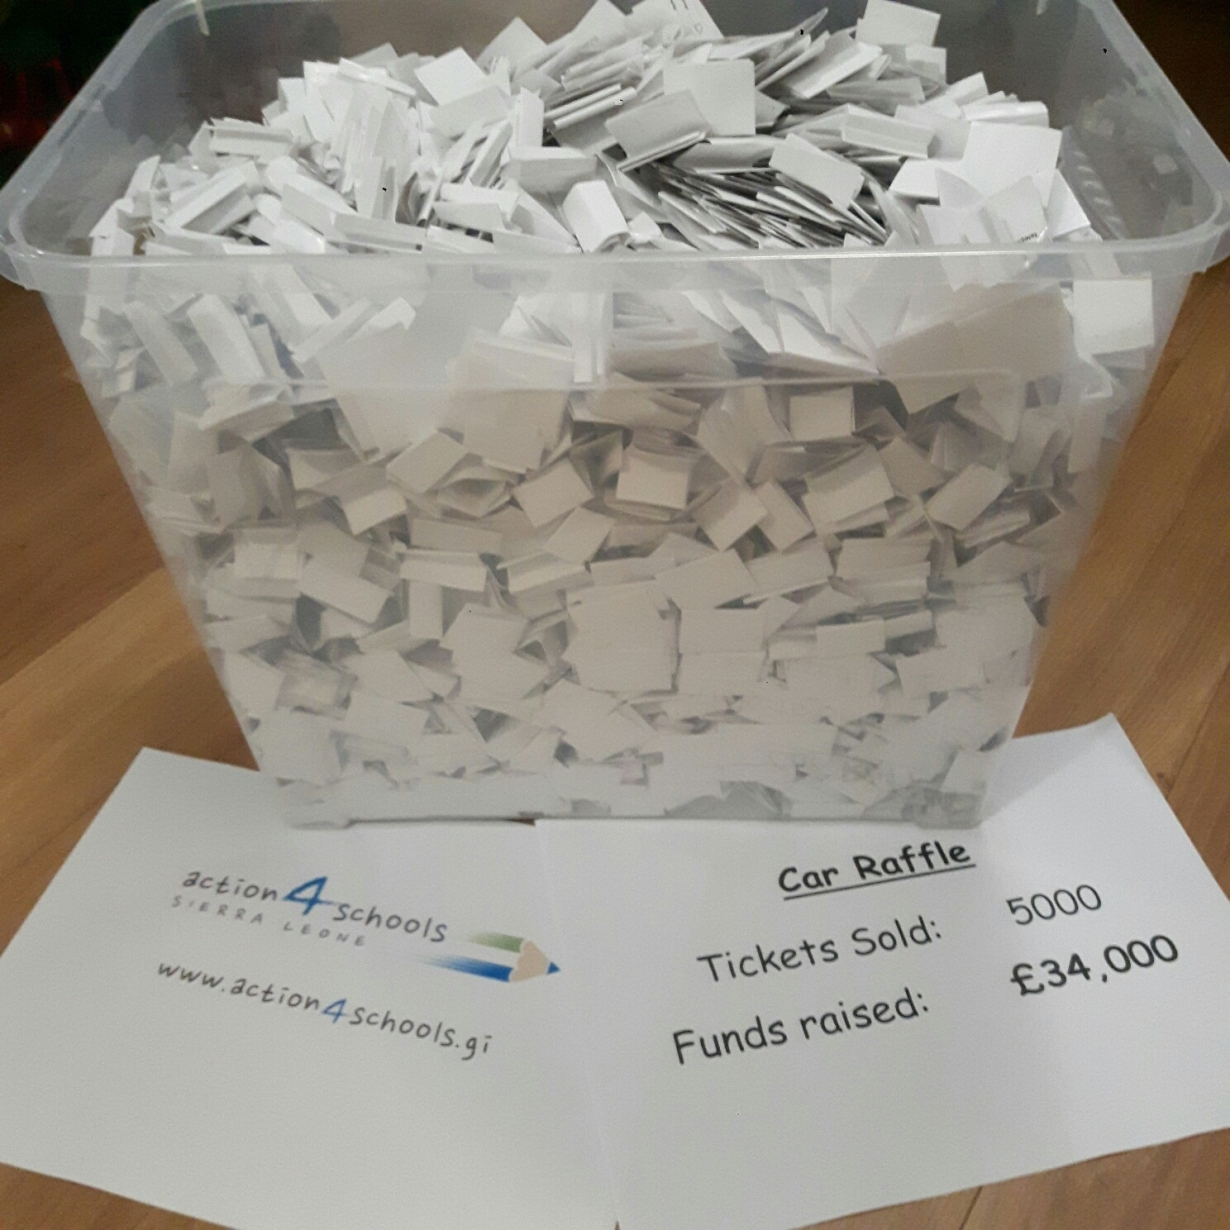 5000 tickets £34,000 raised